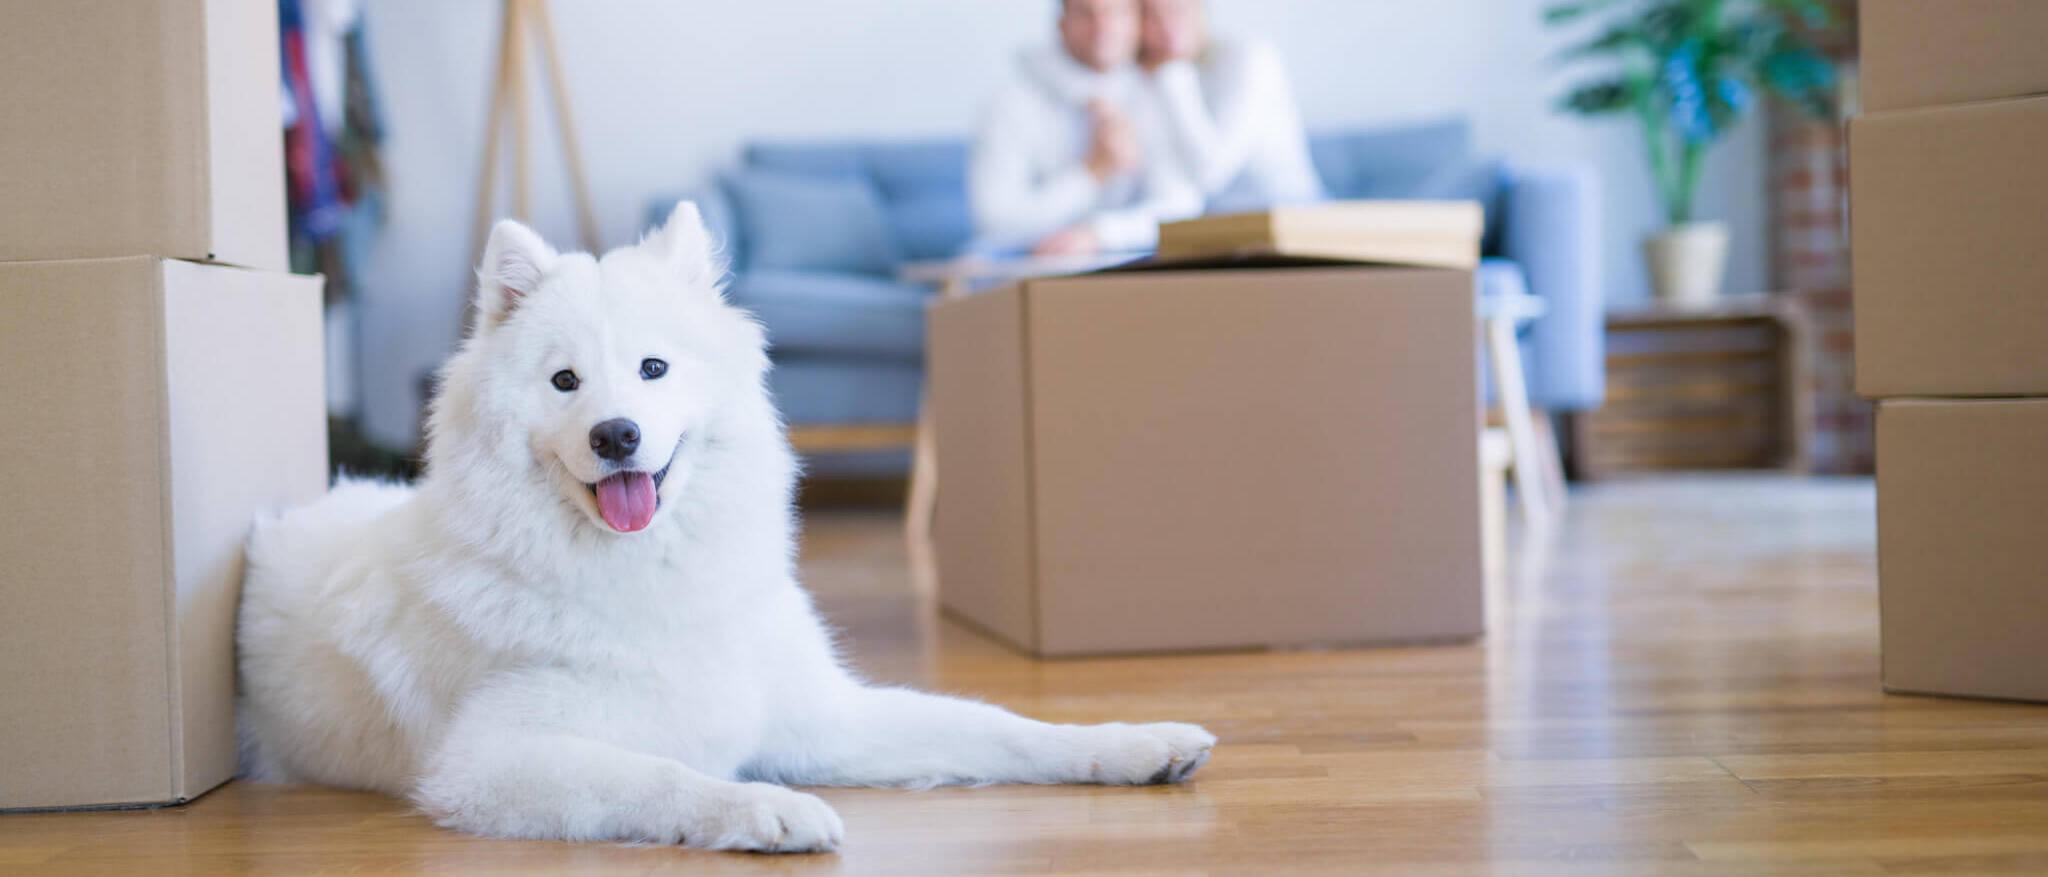 chien avec des cartons de déménagement